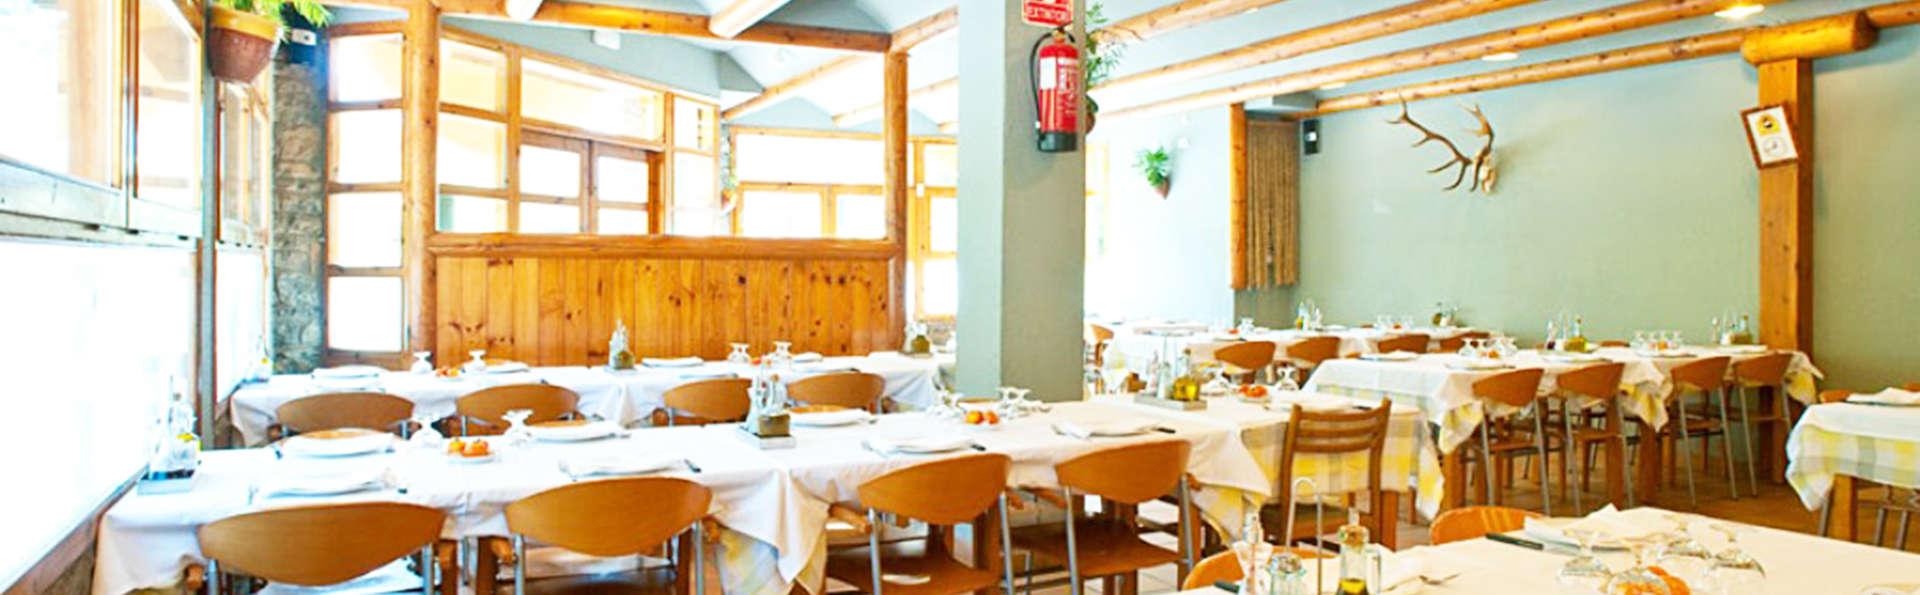 Hotel Les Brases - EDIT_restaurant1.jpg